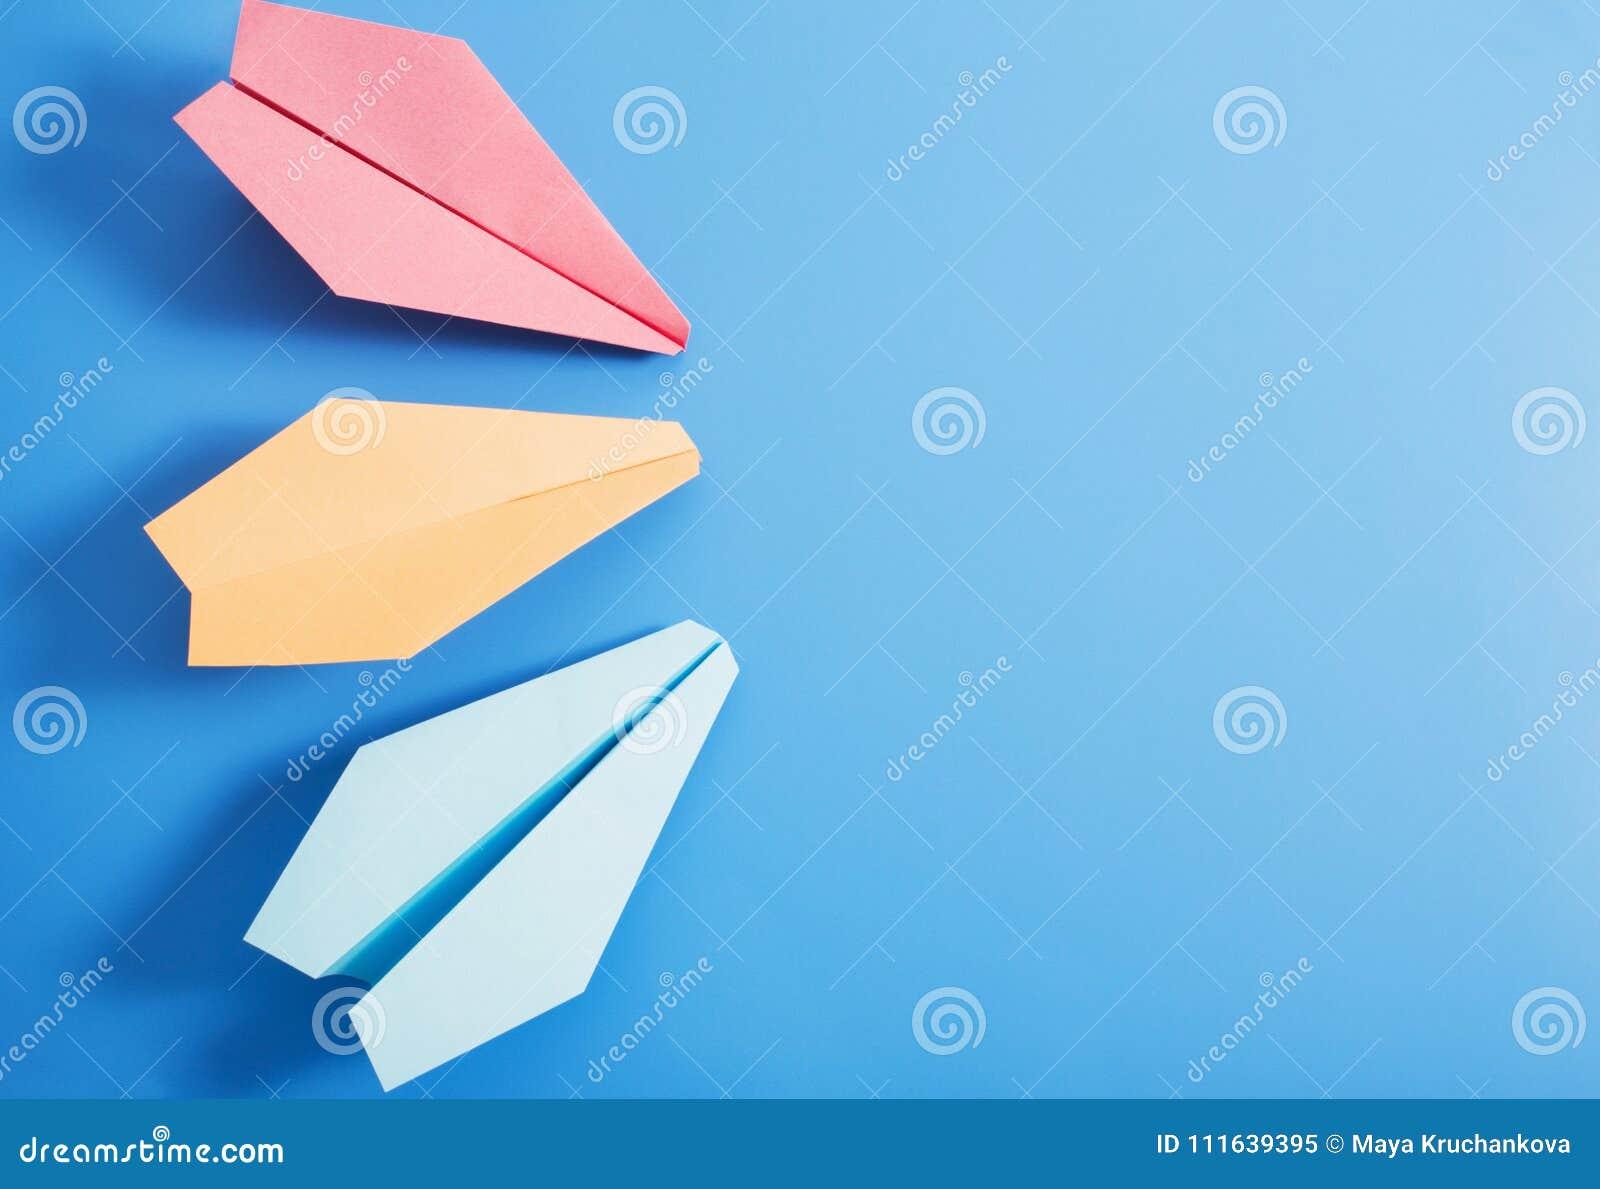 Avión De Papel En Fondo Azul Del Color Imagen de archivo - Imagen de ...